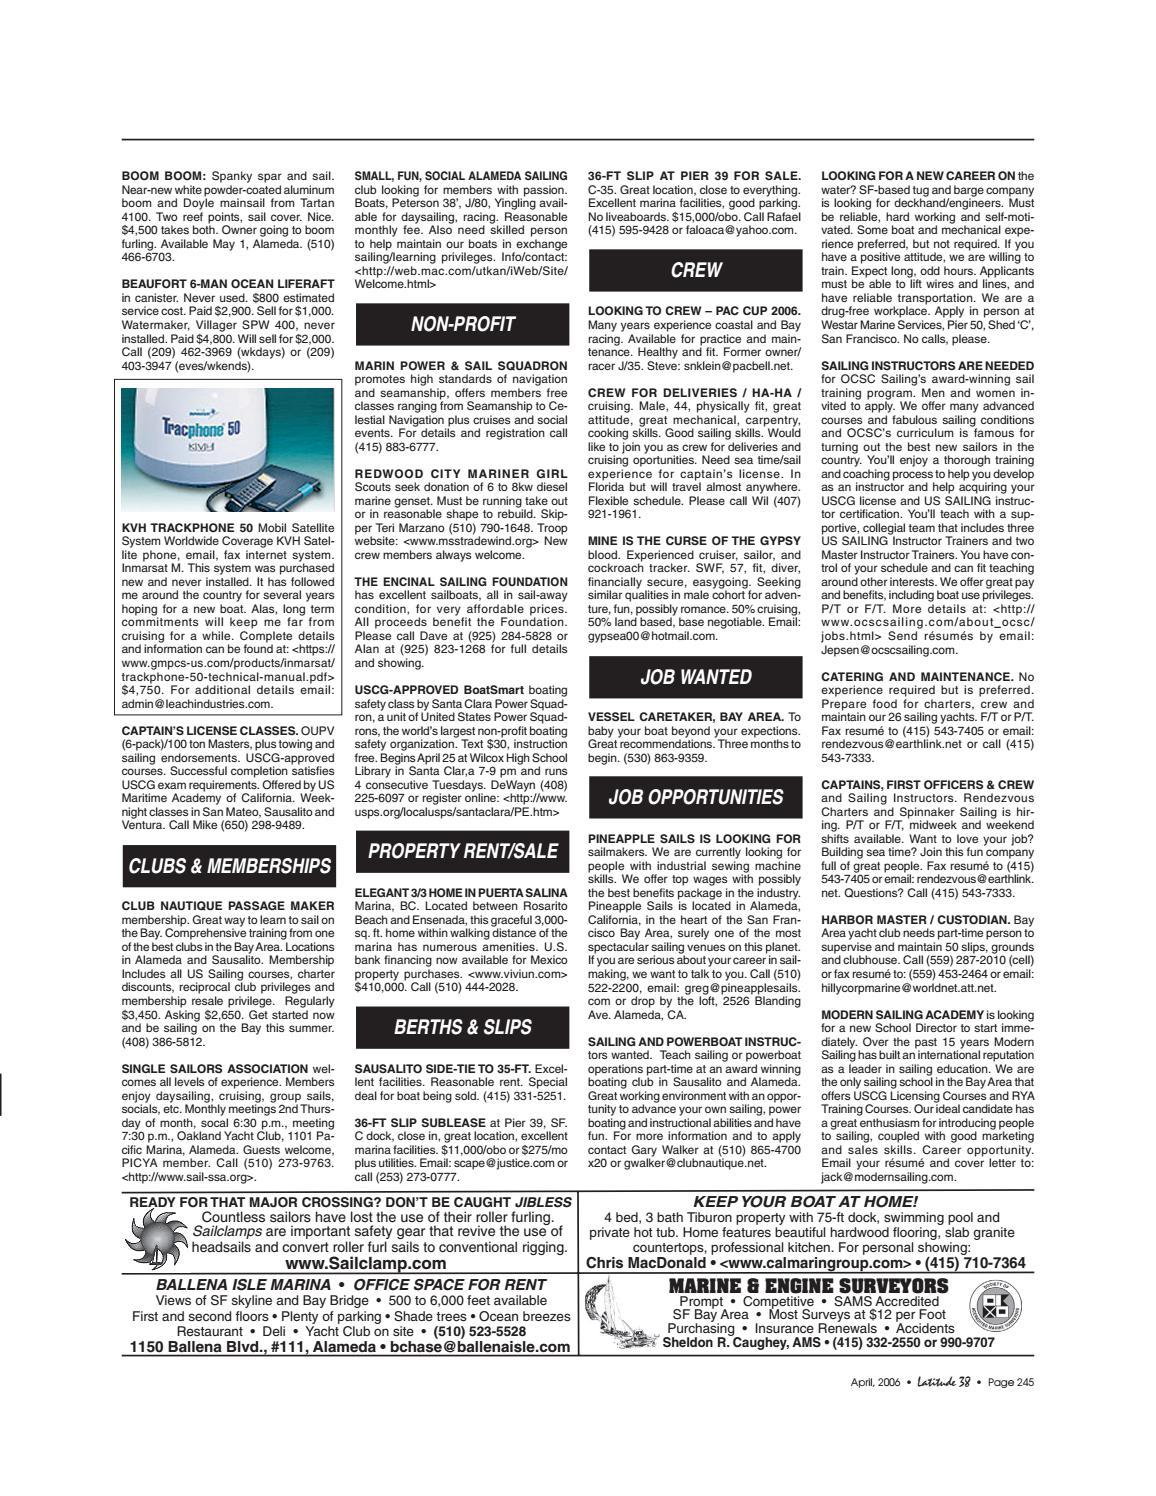 Latitude 38 April 2006 by Latitude 38 Media, LLC - issuu